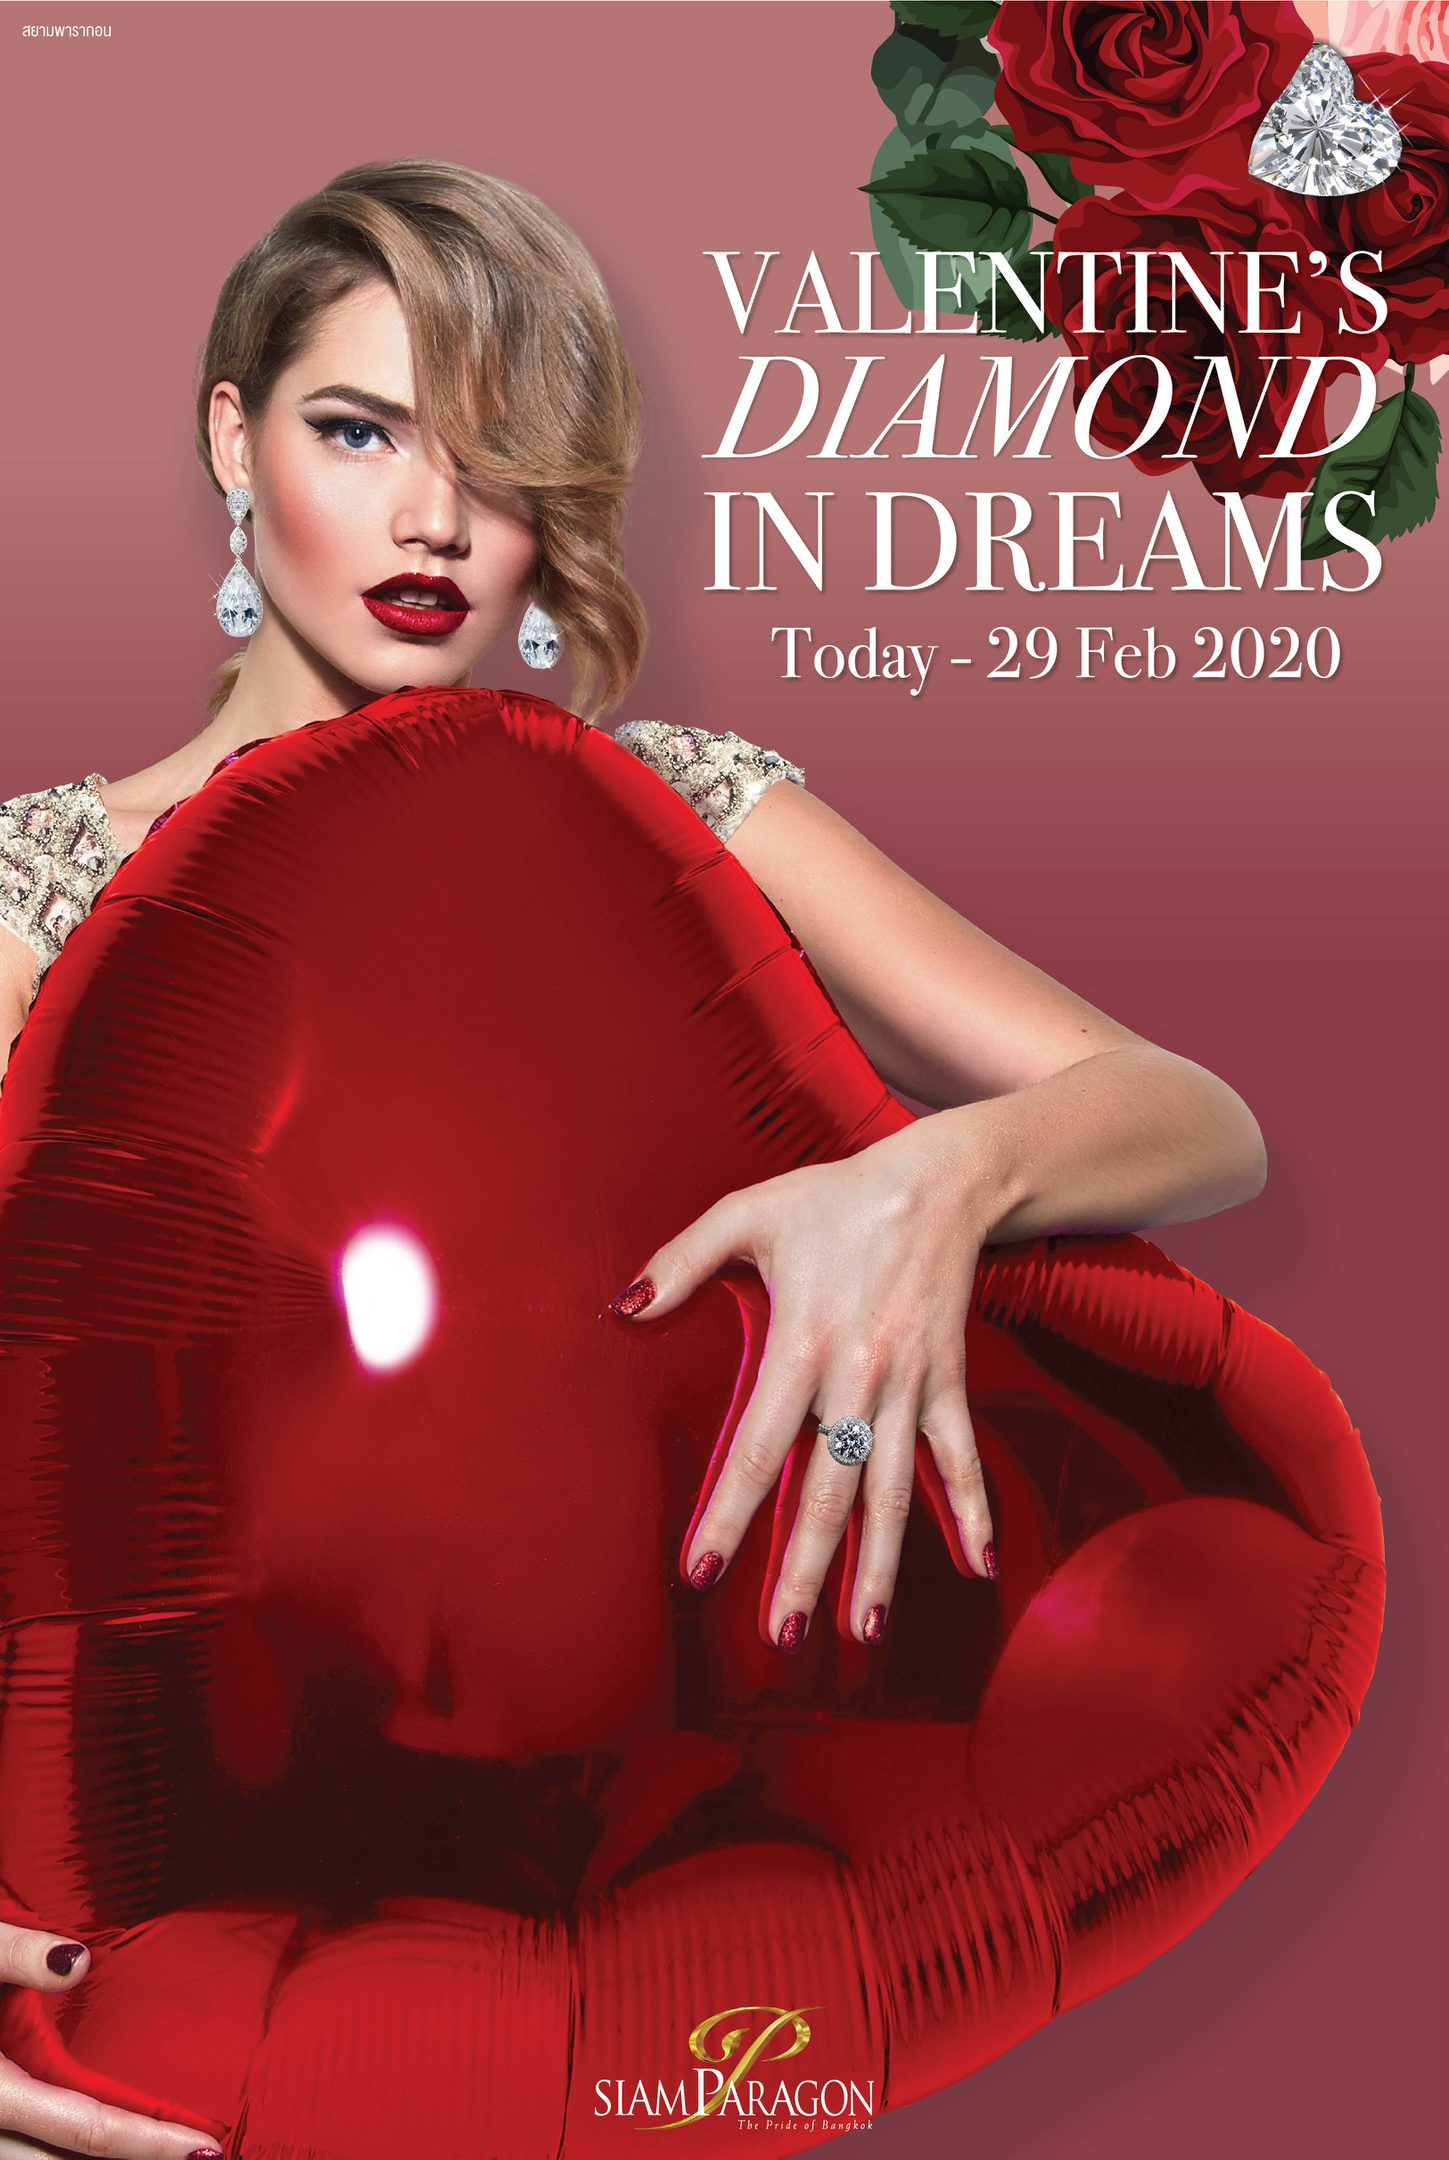 """สยามพารากอน มอบพลังแห่งรัก กับแคมเปญ  """"Siam Paragon Valentine's Diamond in Dreams"""""""